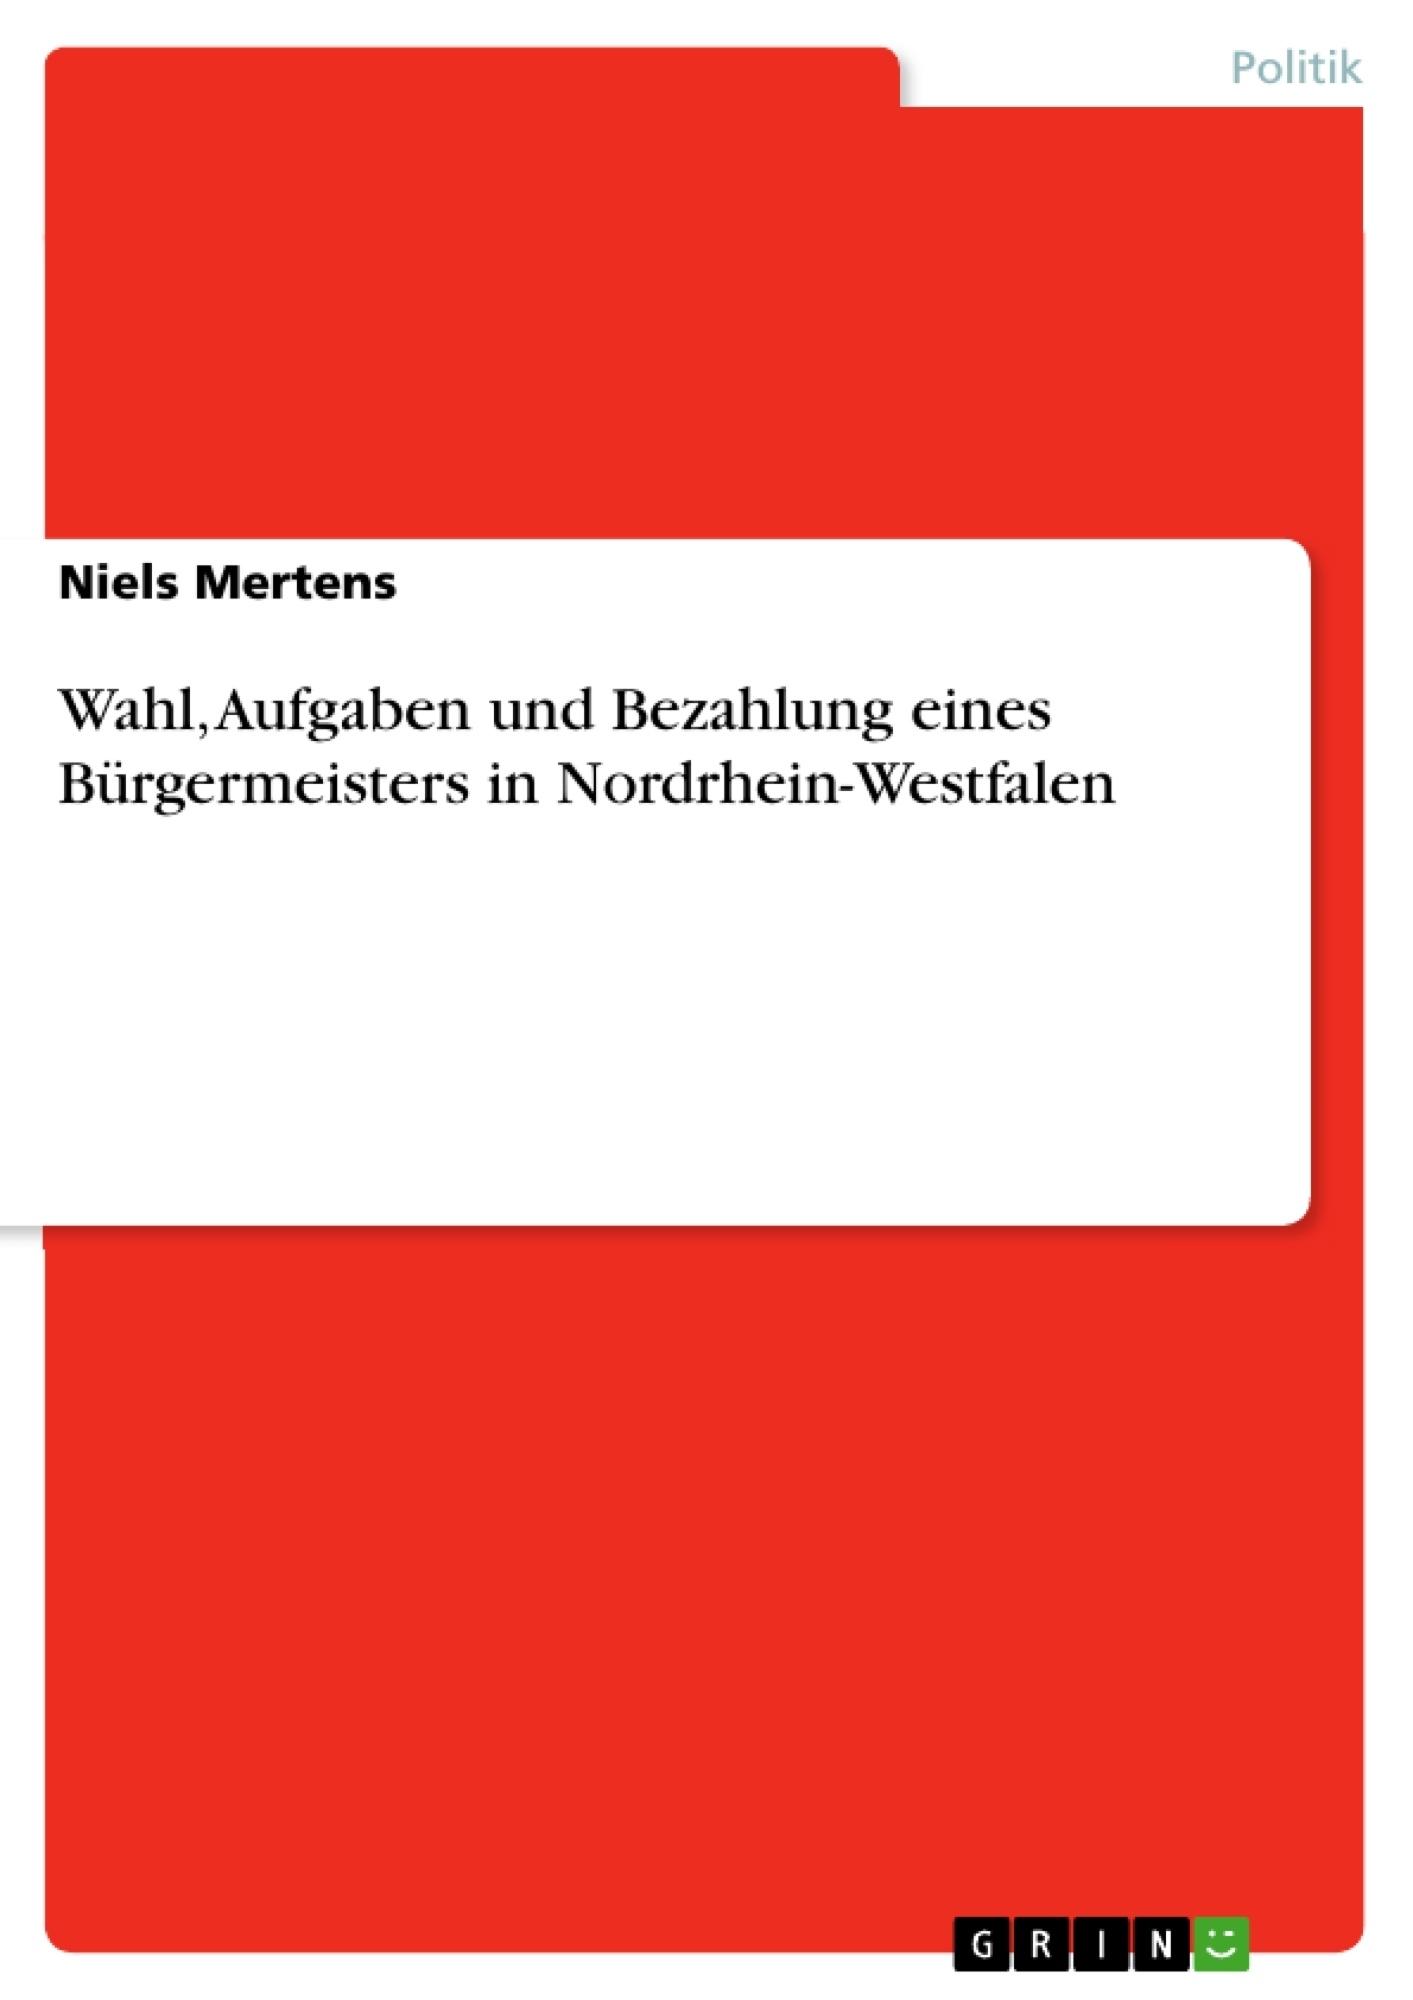 Titel: Wahl, Aufgaben und Bezahlung eines Bürgermeisters in Nordrhein-Westfalen